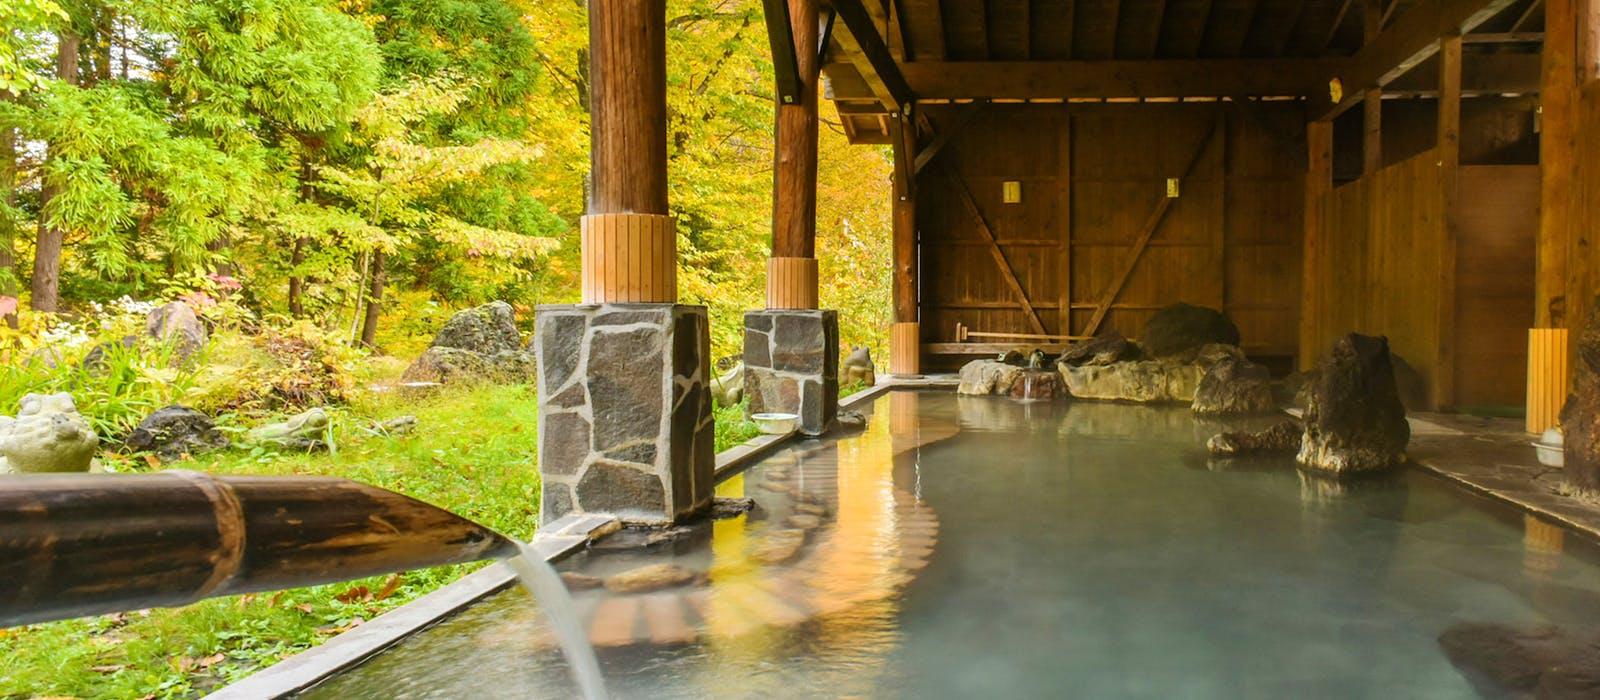 Suối nước nóng ở Nhật bằng công nghệ VR tại nhà trong mùa dịch